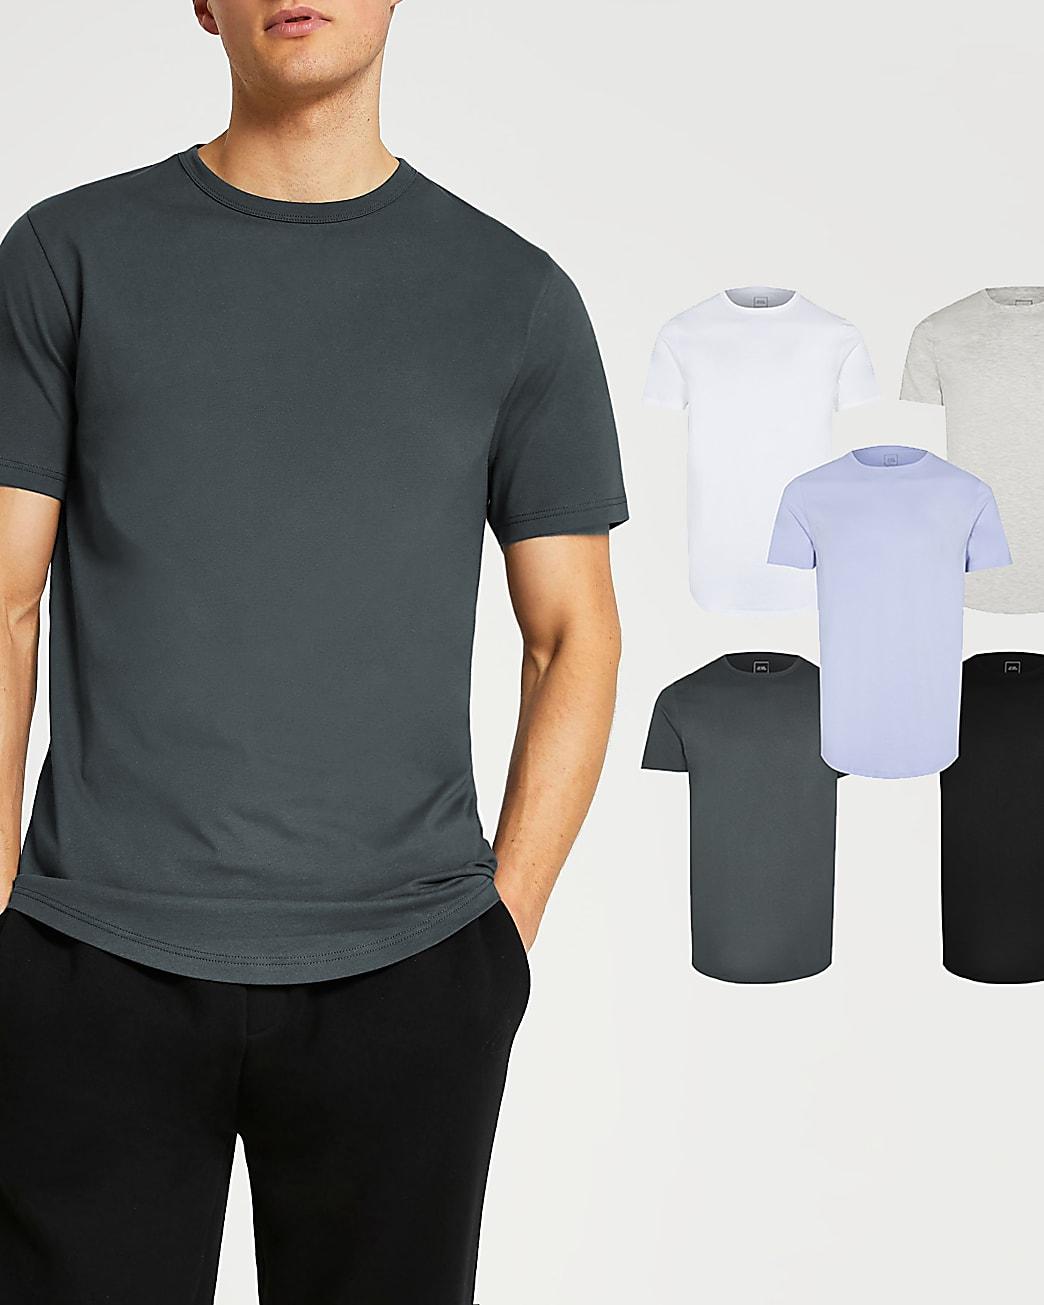 Blue slim fit double curve hem t-shirt 5 pack